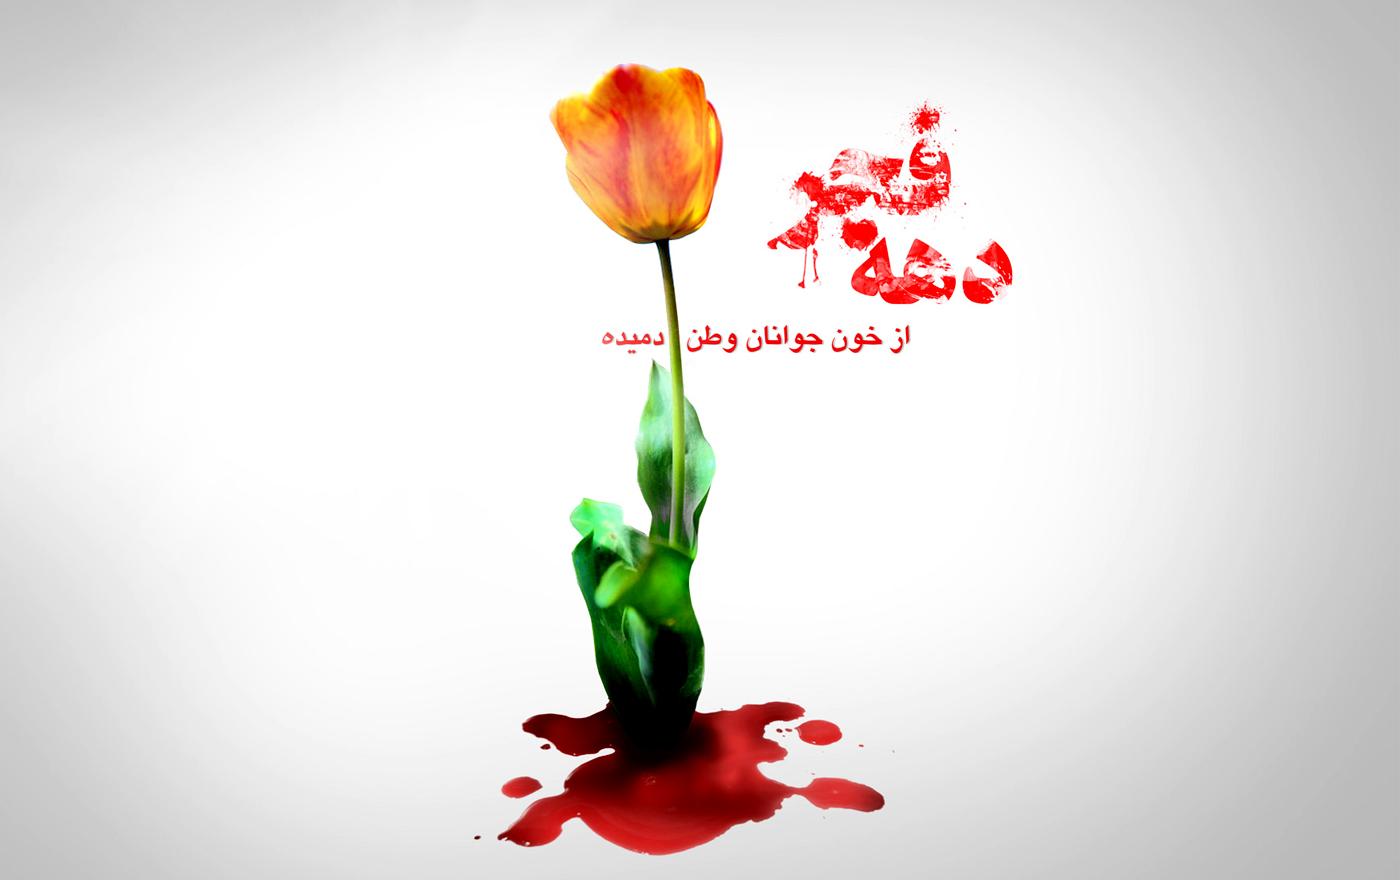 دهه فجر و وقایع آن تا ۲۲ بهمن